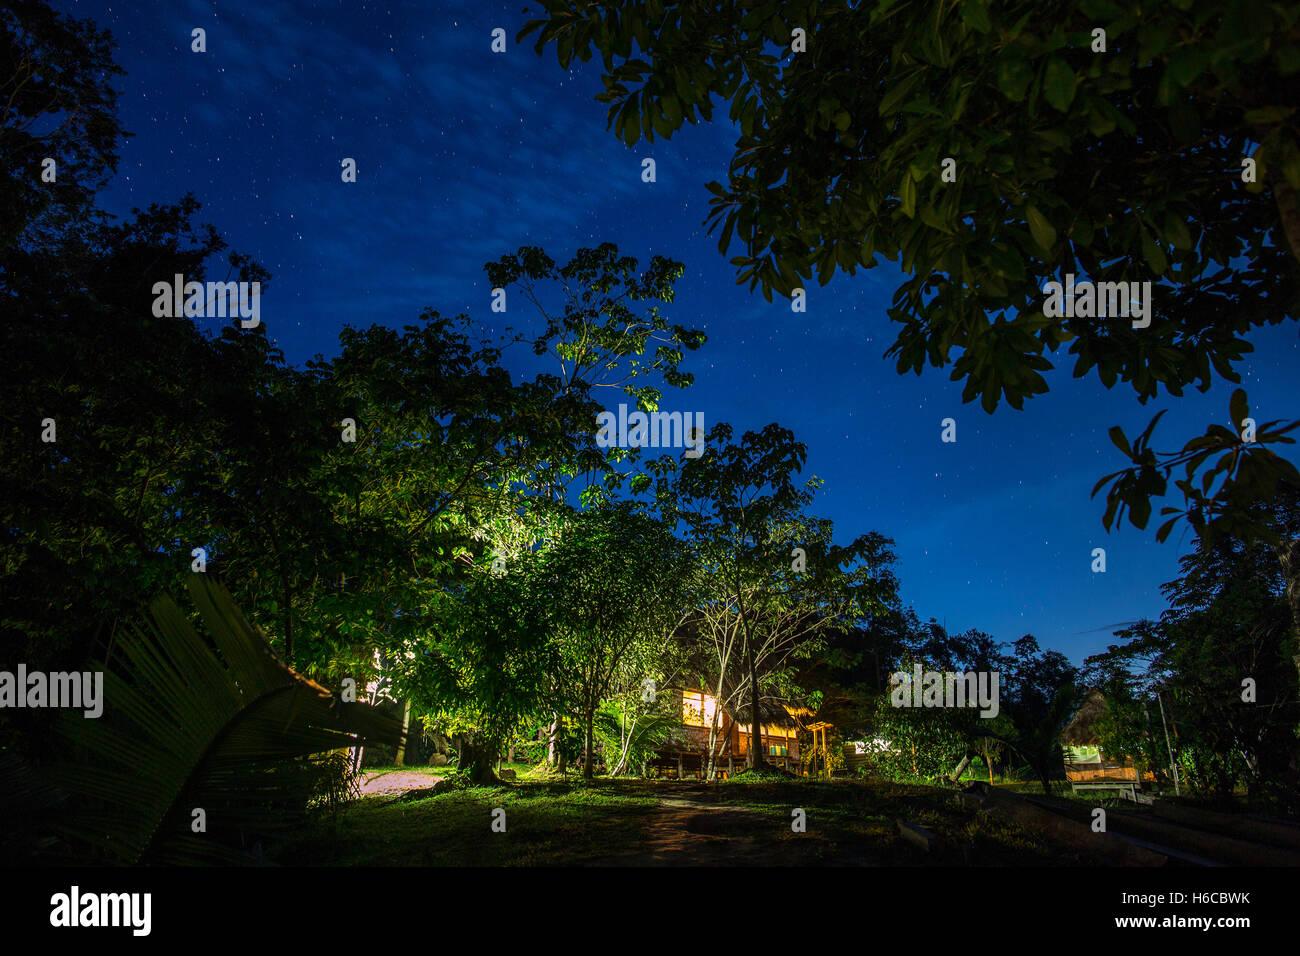 Un shipibo ayahuasca planta centro de curación de la medicina en la amazonía peruana por la noche. Imagen De Stock